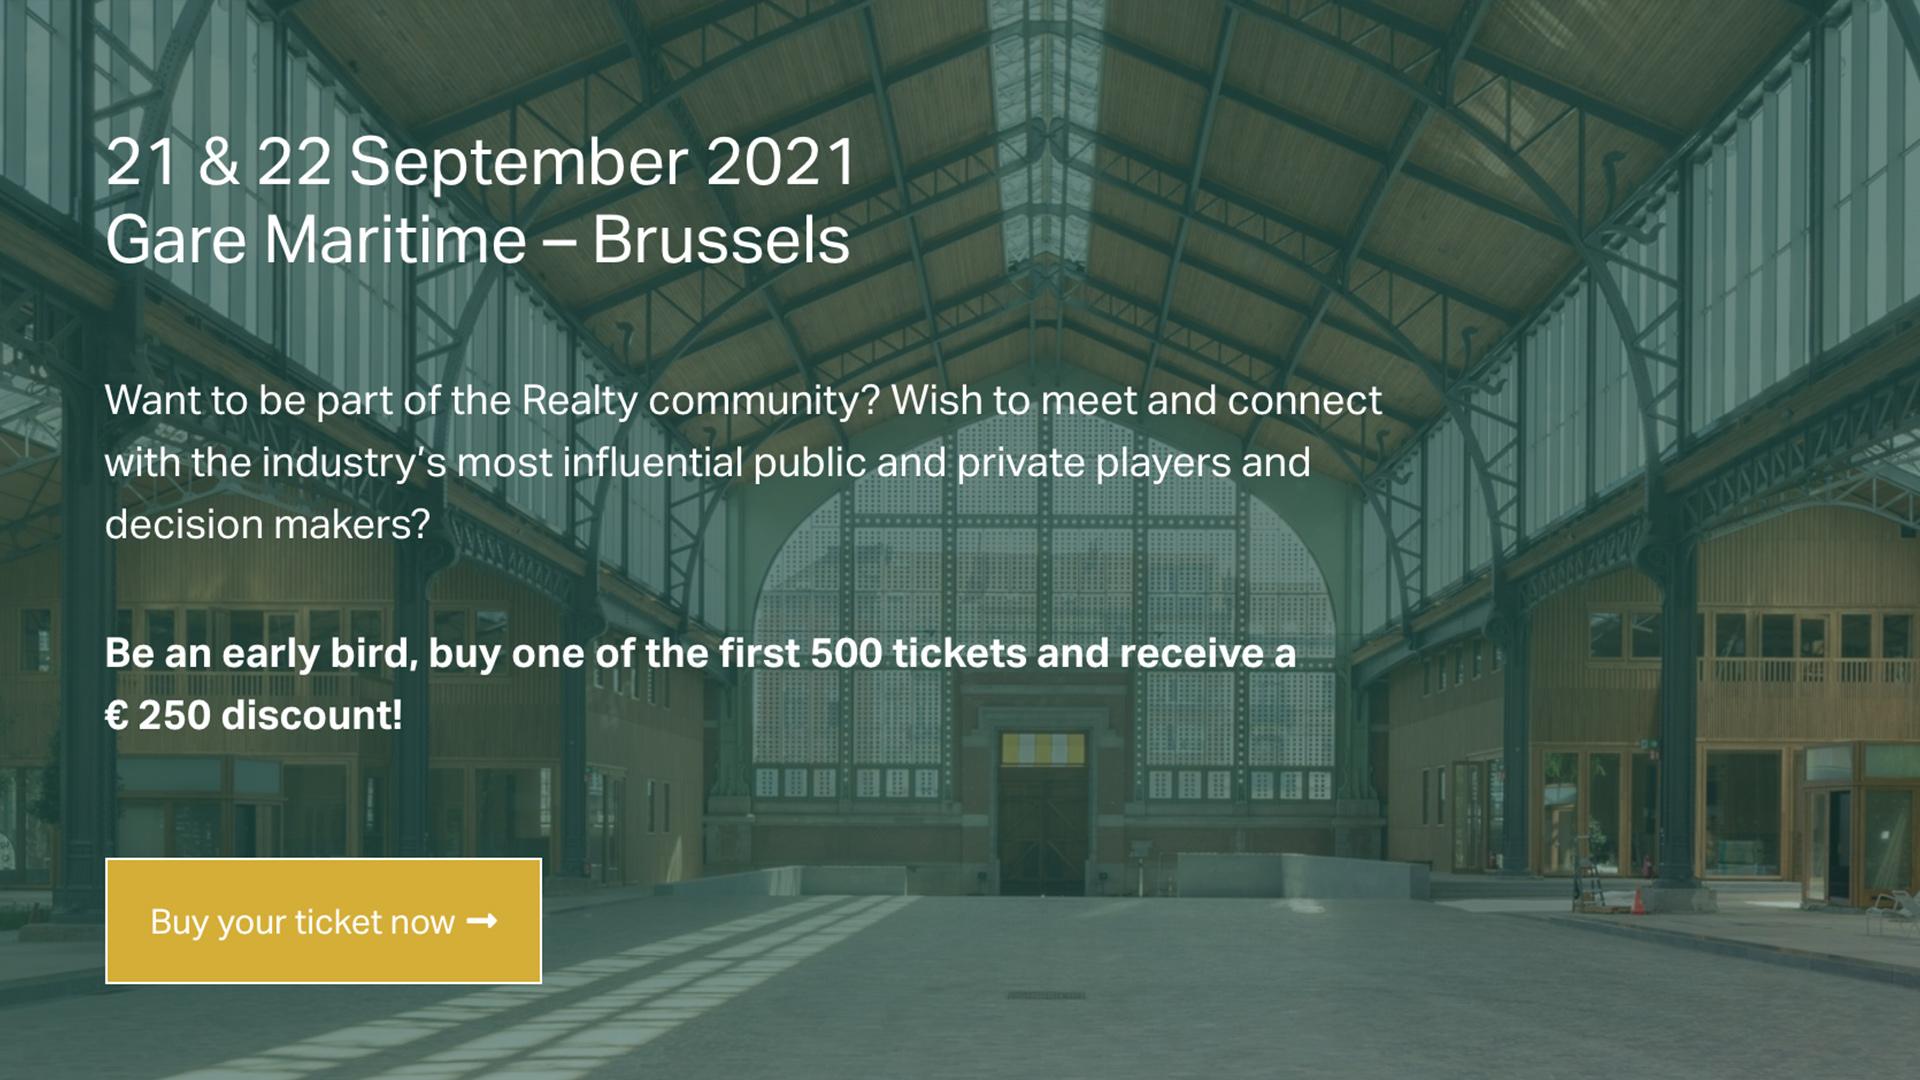 21 septembre 2021 – Sommet Immobilier Realty – Bruxelles (Belgique)